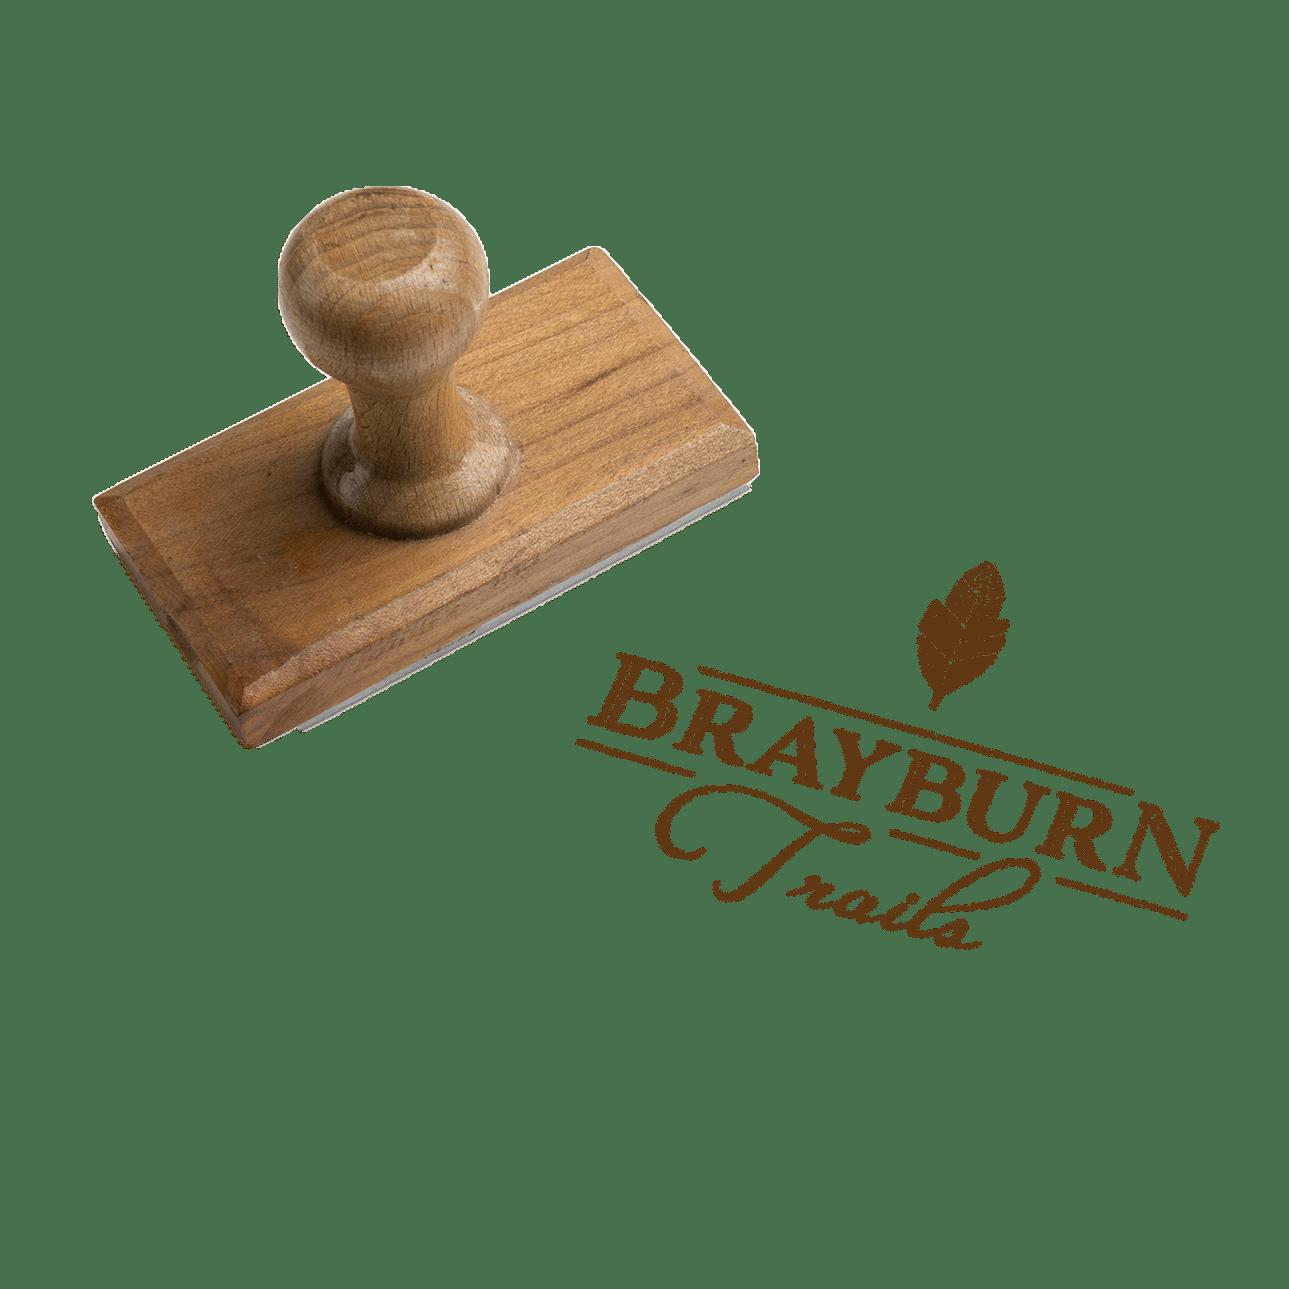 5.BrayBurn-stamp